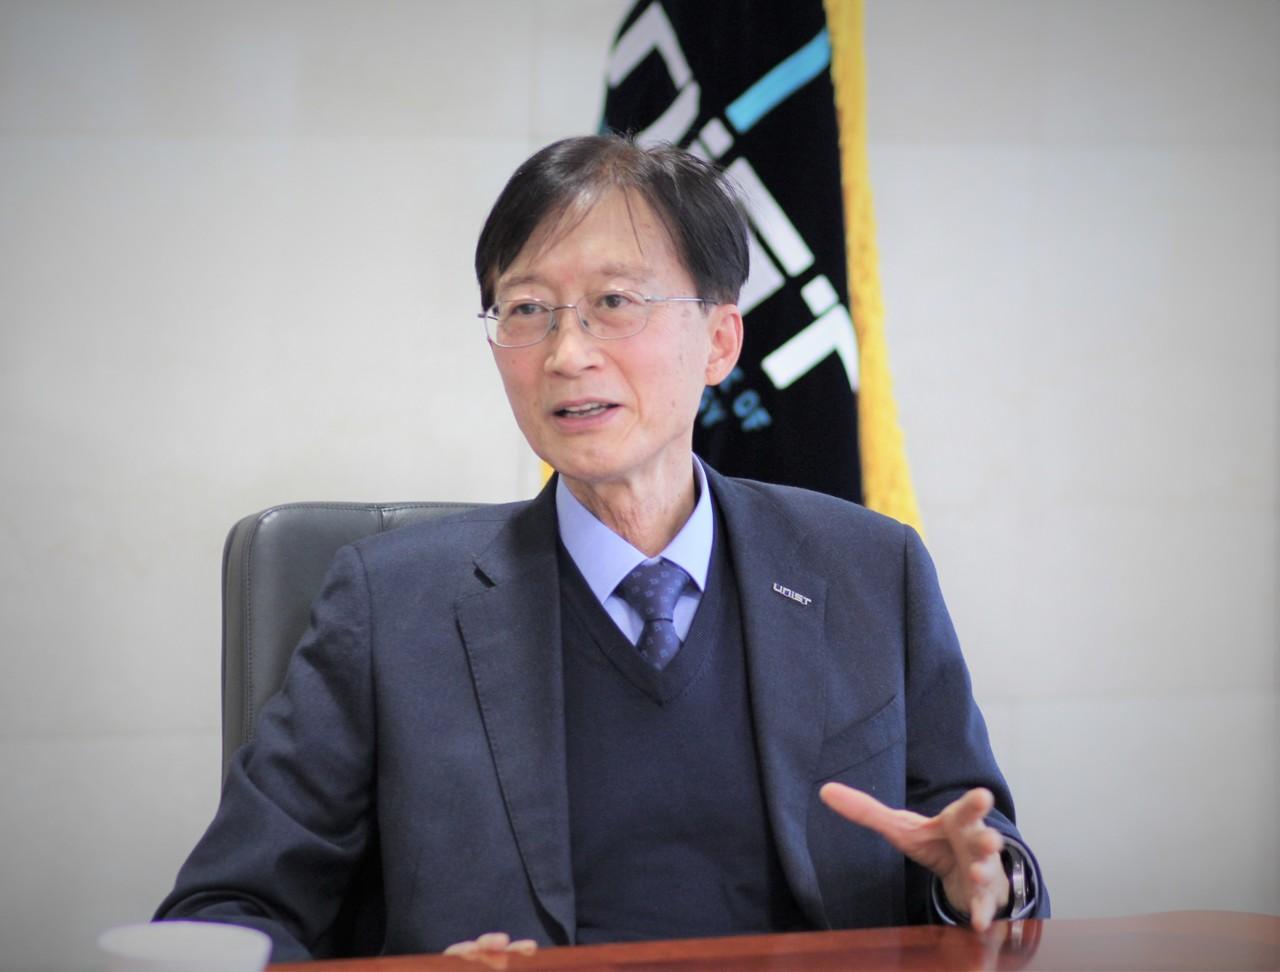 이용훈 UNIST(울산과학기술원) 총장은 대학 교육뿐만 아니라 지역 산업과 연계에도 힘쓰고 있다. [사진=김인한 기자]